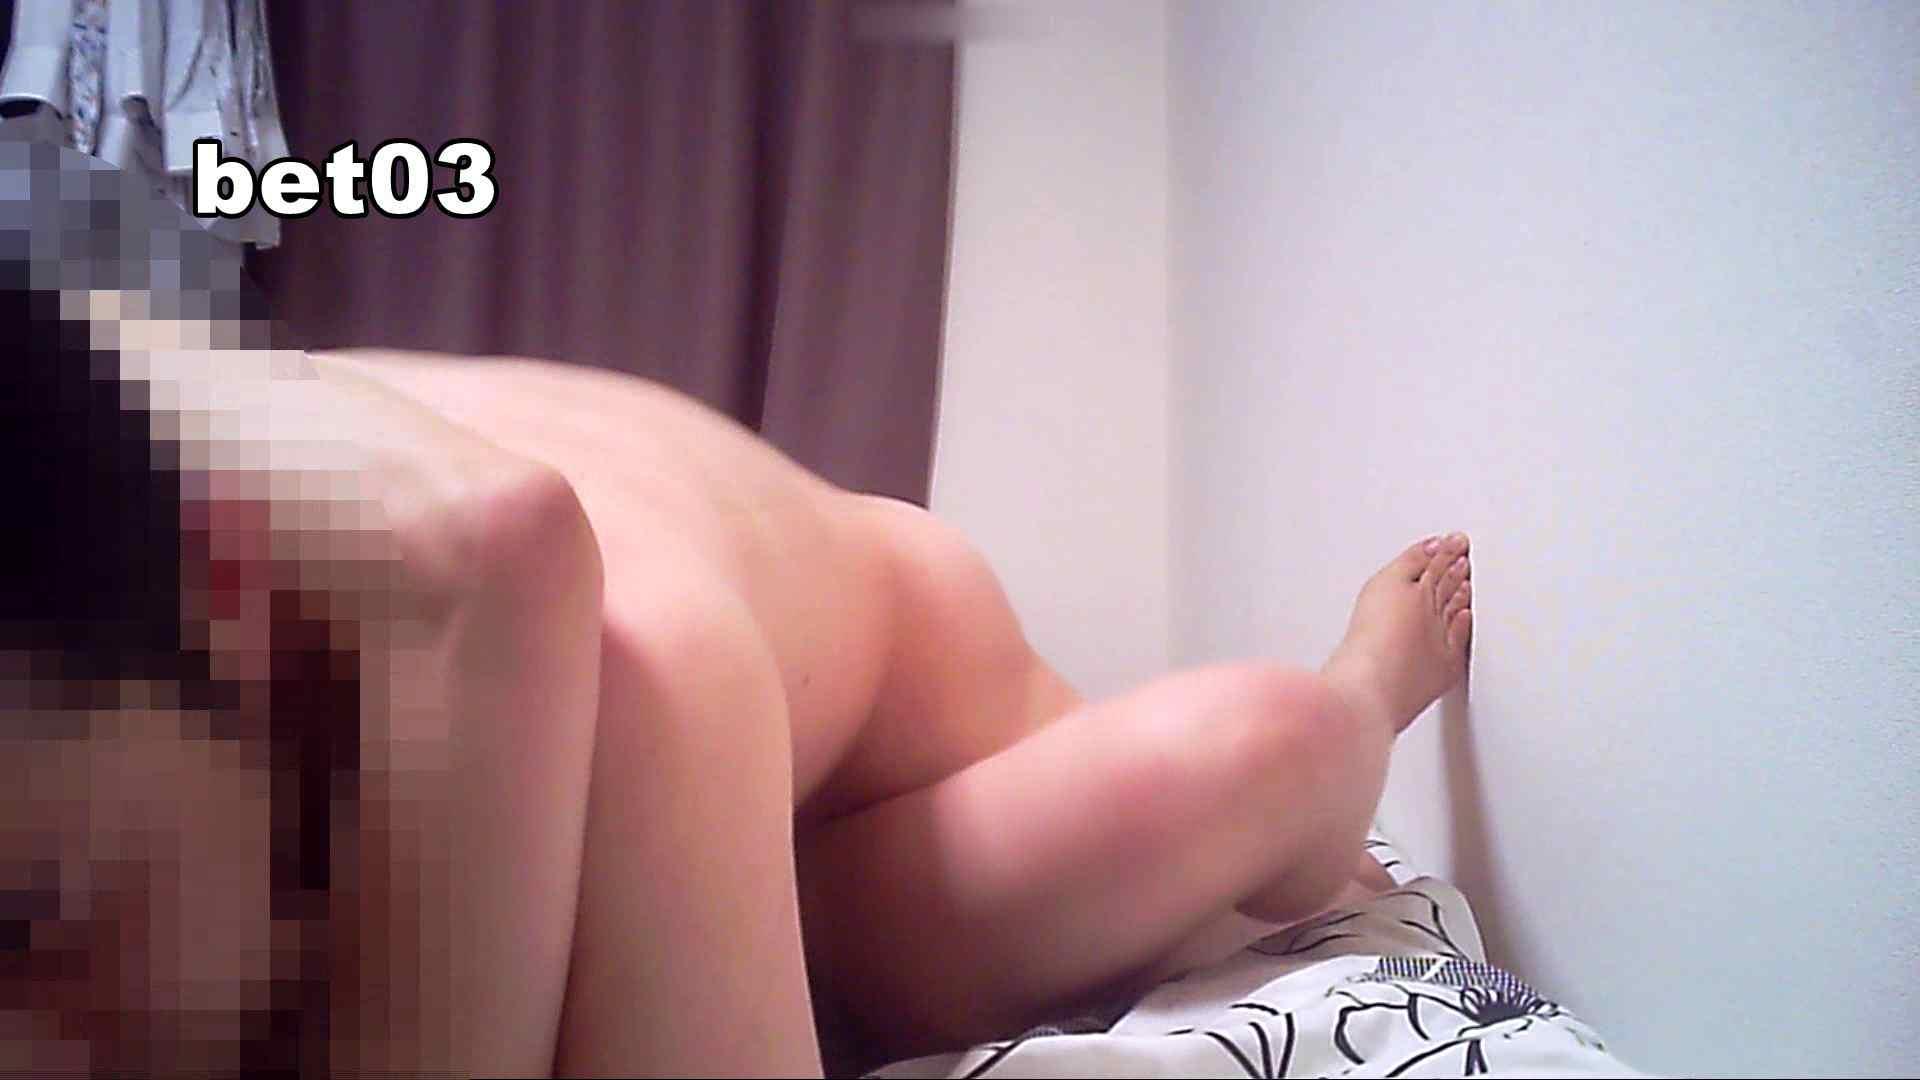 ミキ・大手旅行代理店勤務(24歳・仮名) vol.03 フヤケルまでしゃぶる女 セックス  98PIX 85